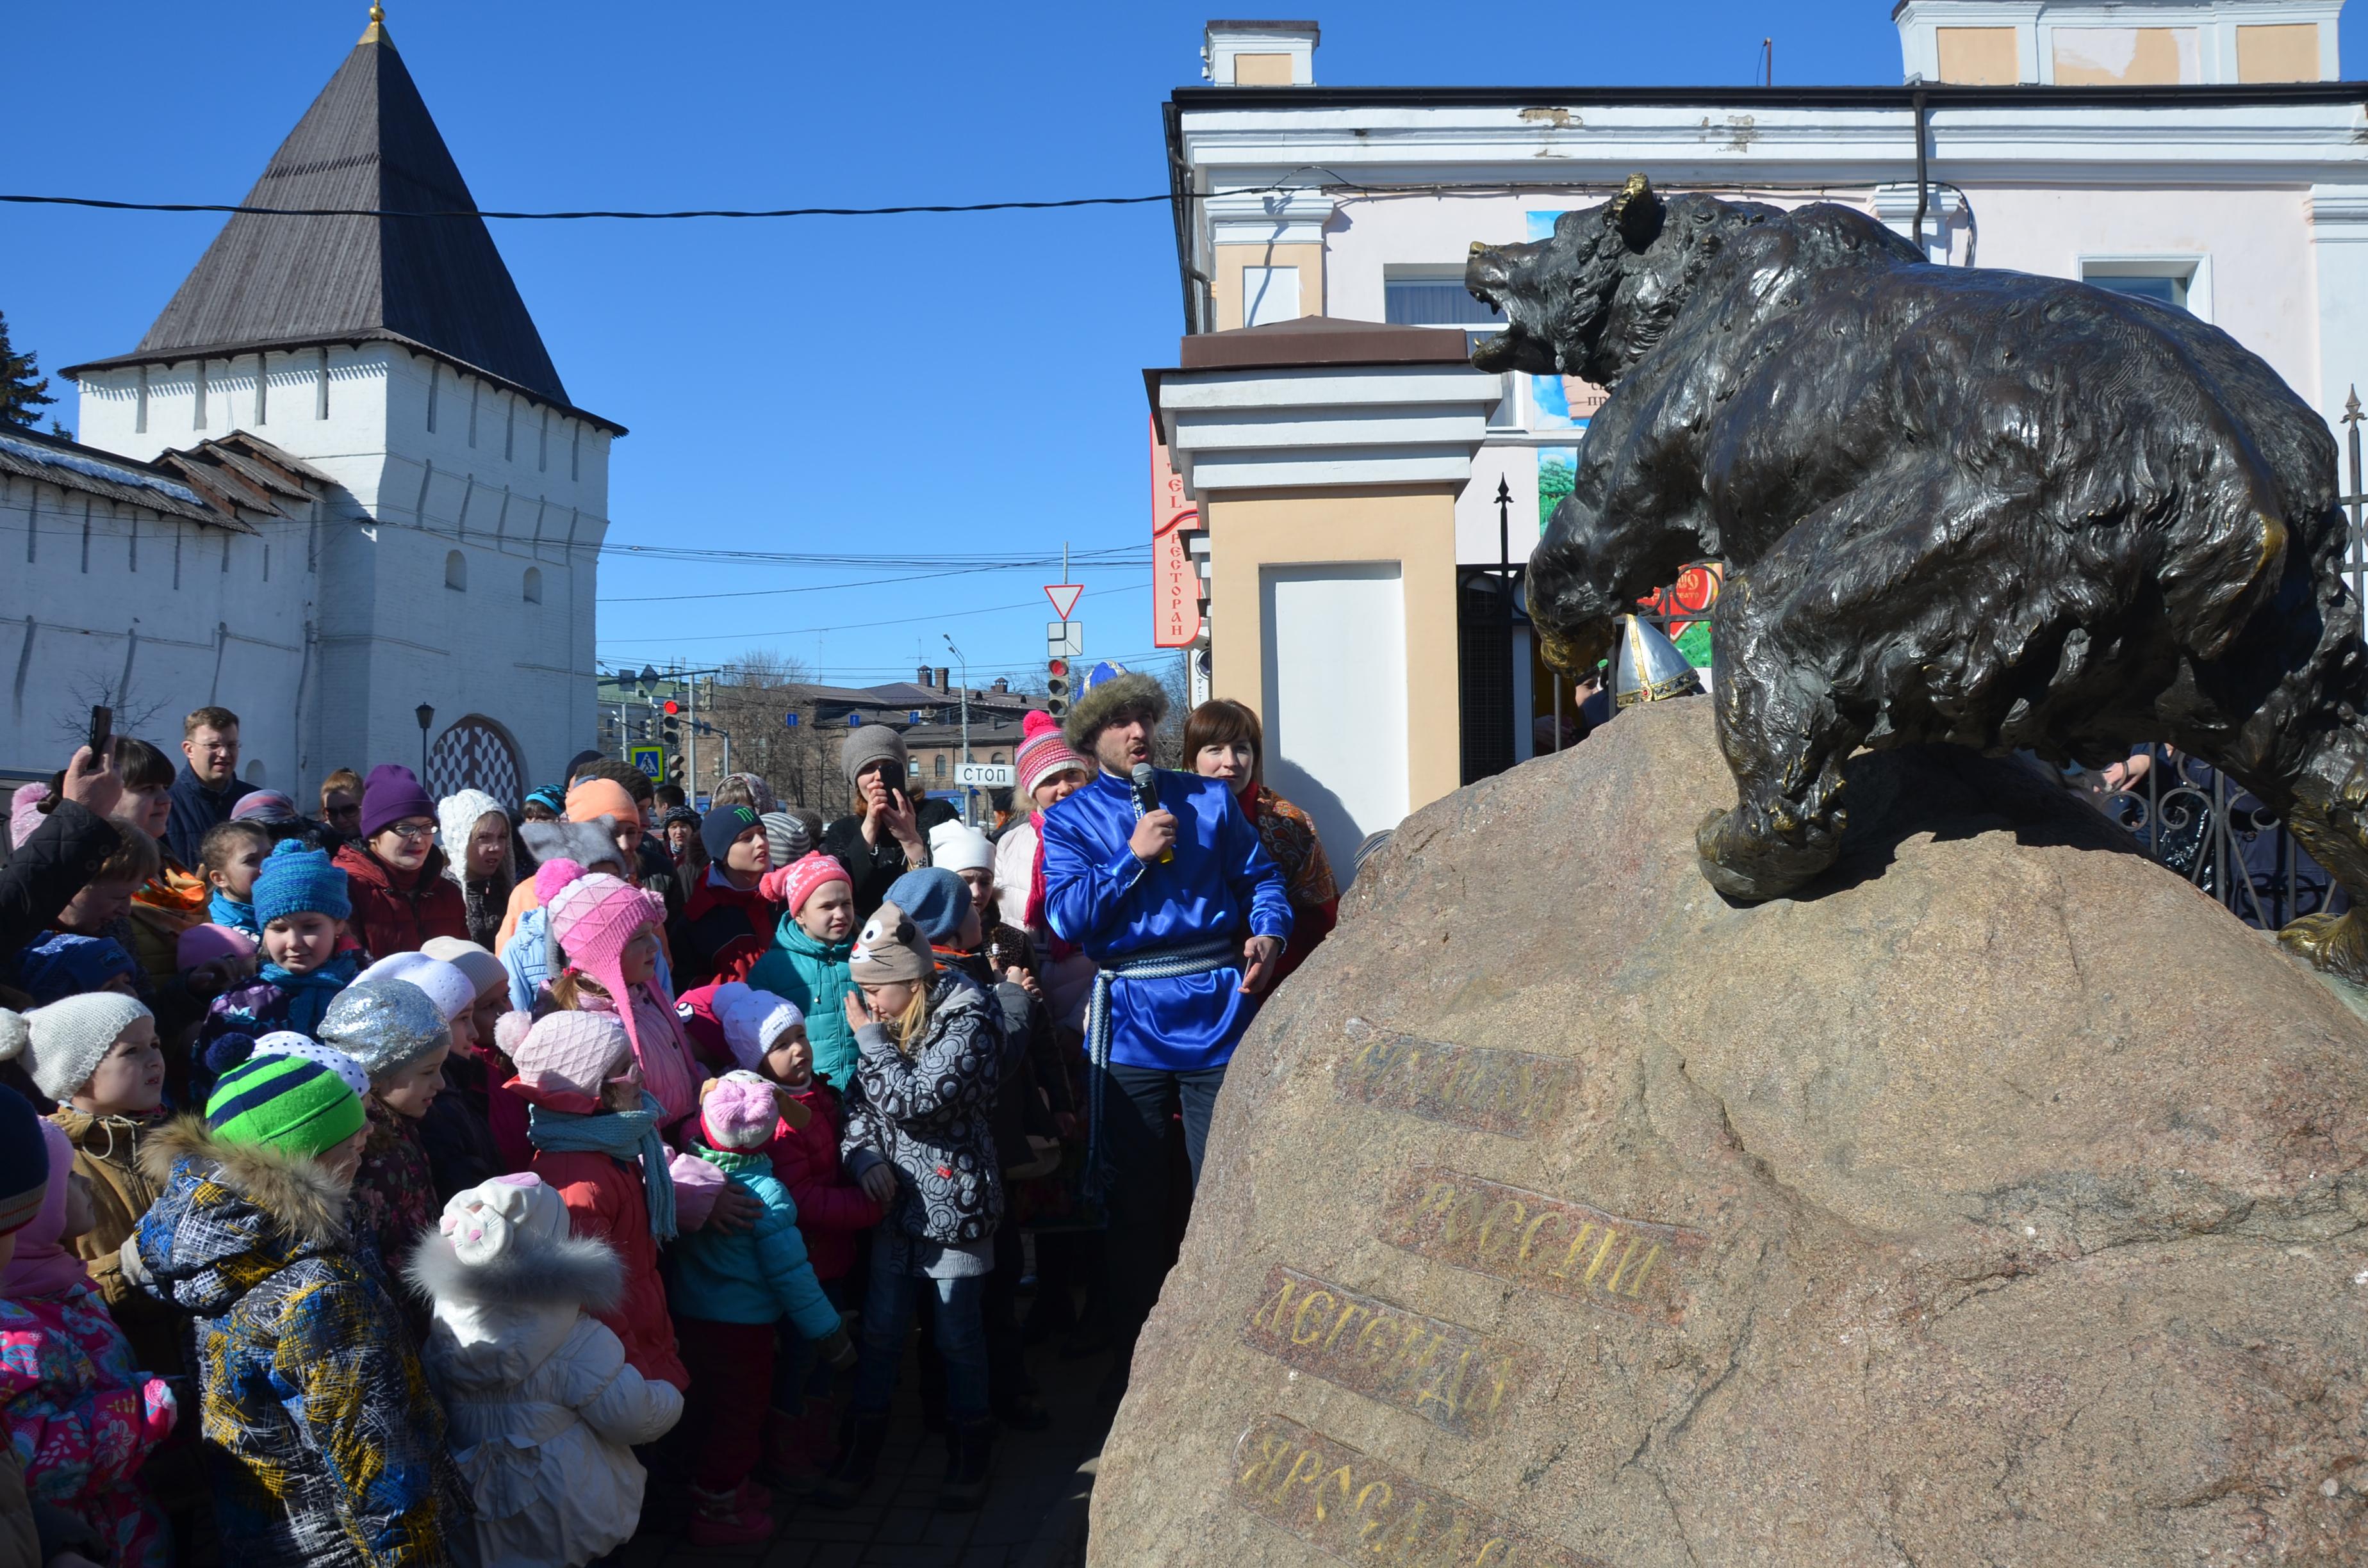 Фестивали и праздники в Ярославле и Ярославской области в 2021 году